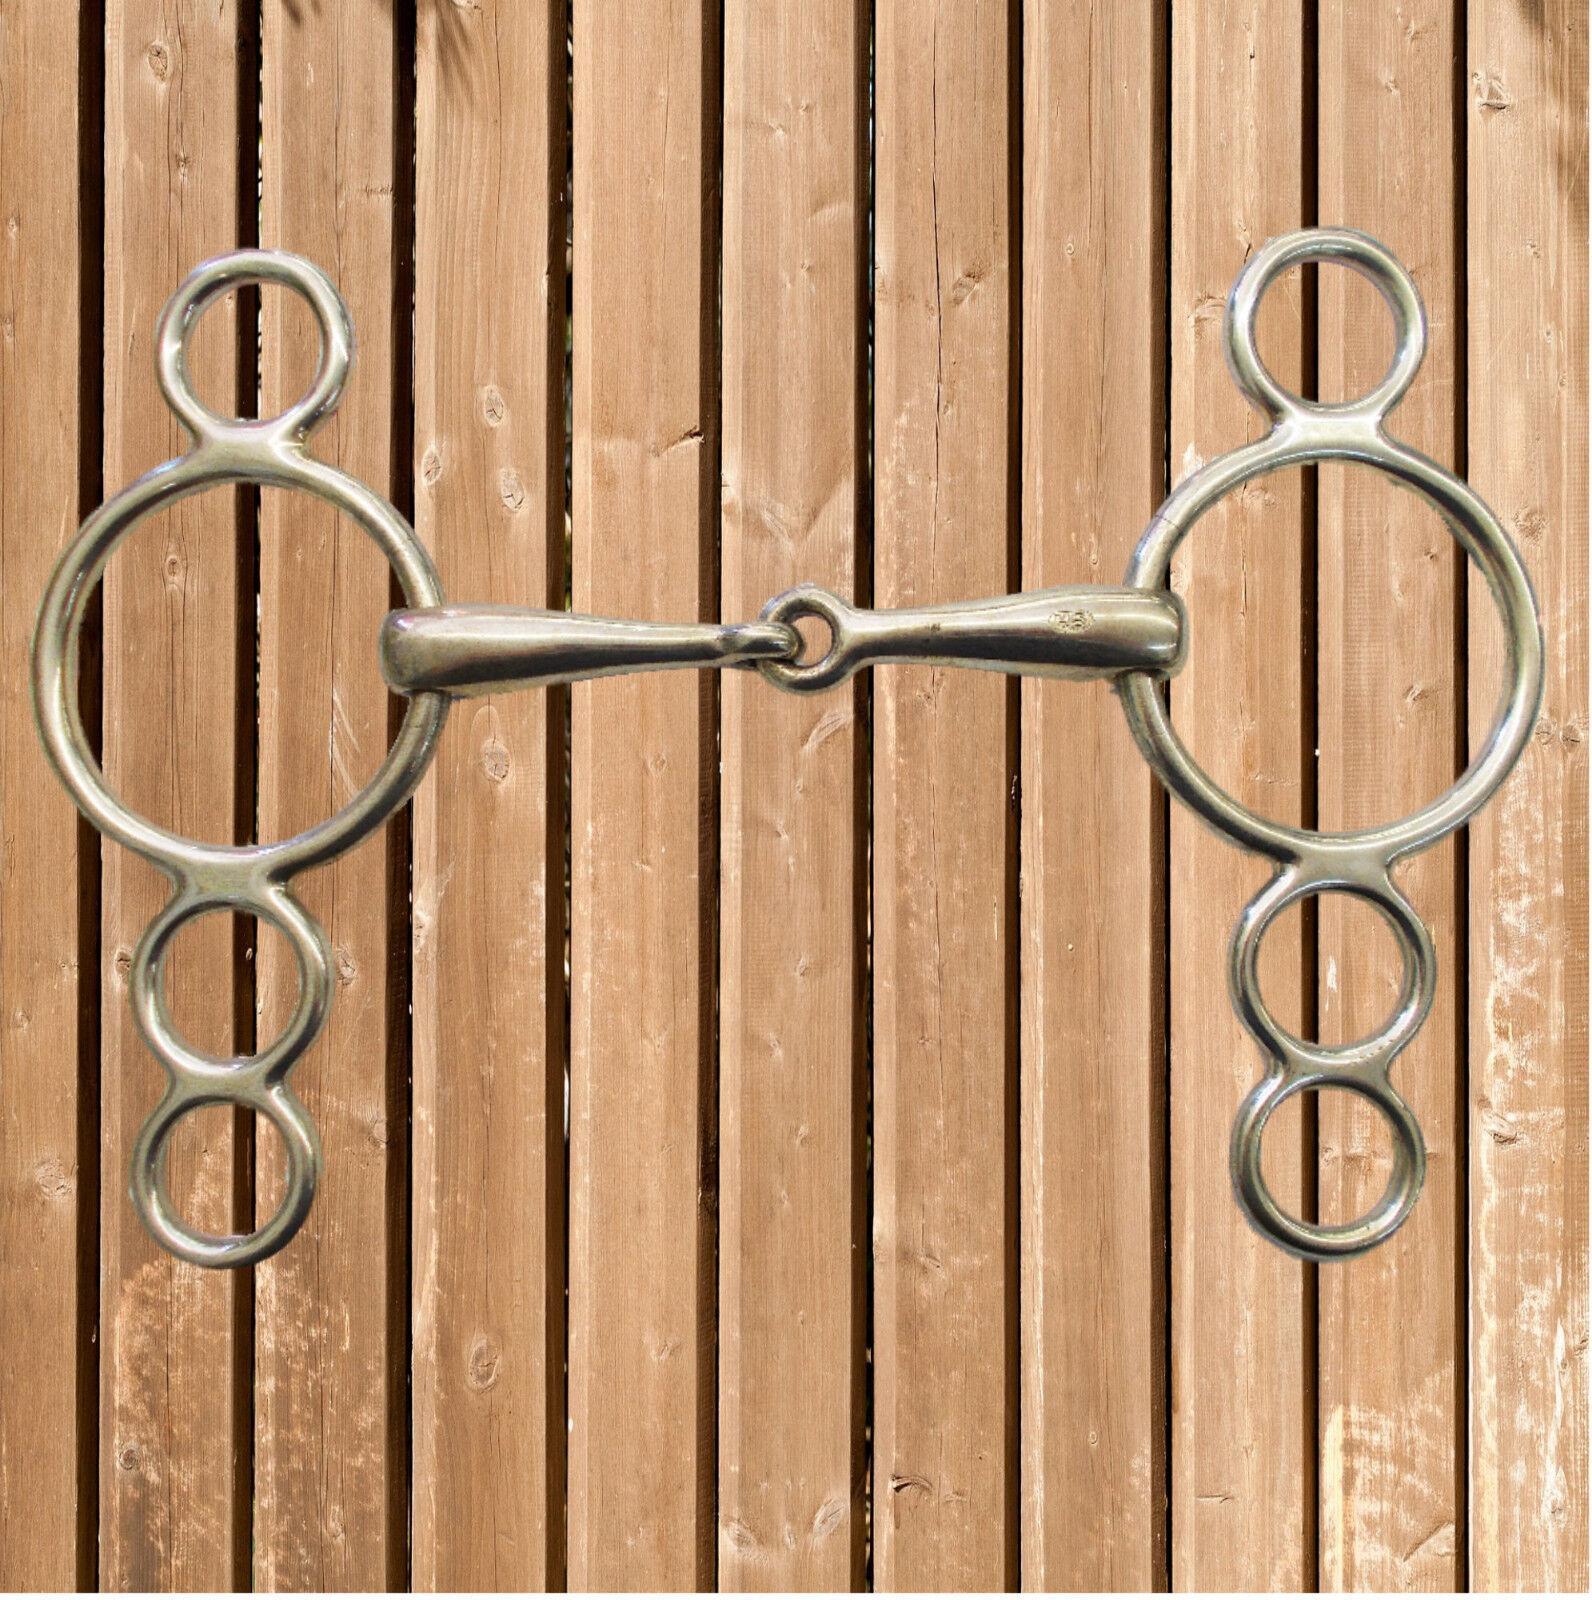 Sprenger 4 Ring Trense, Trense, Trense, Springkandare, Sprenger Kandare, Silberan, 18 mm (41307) 8575c9